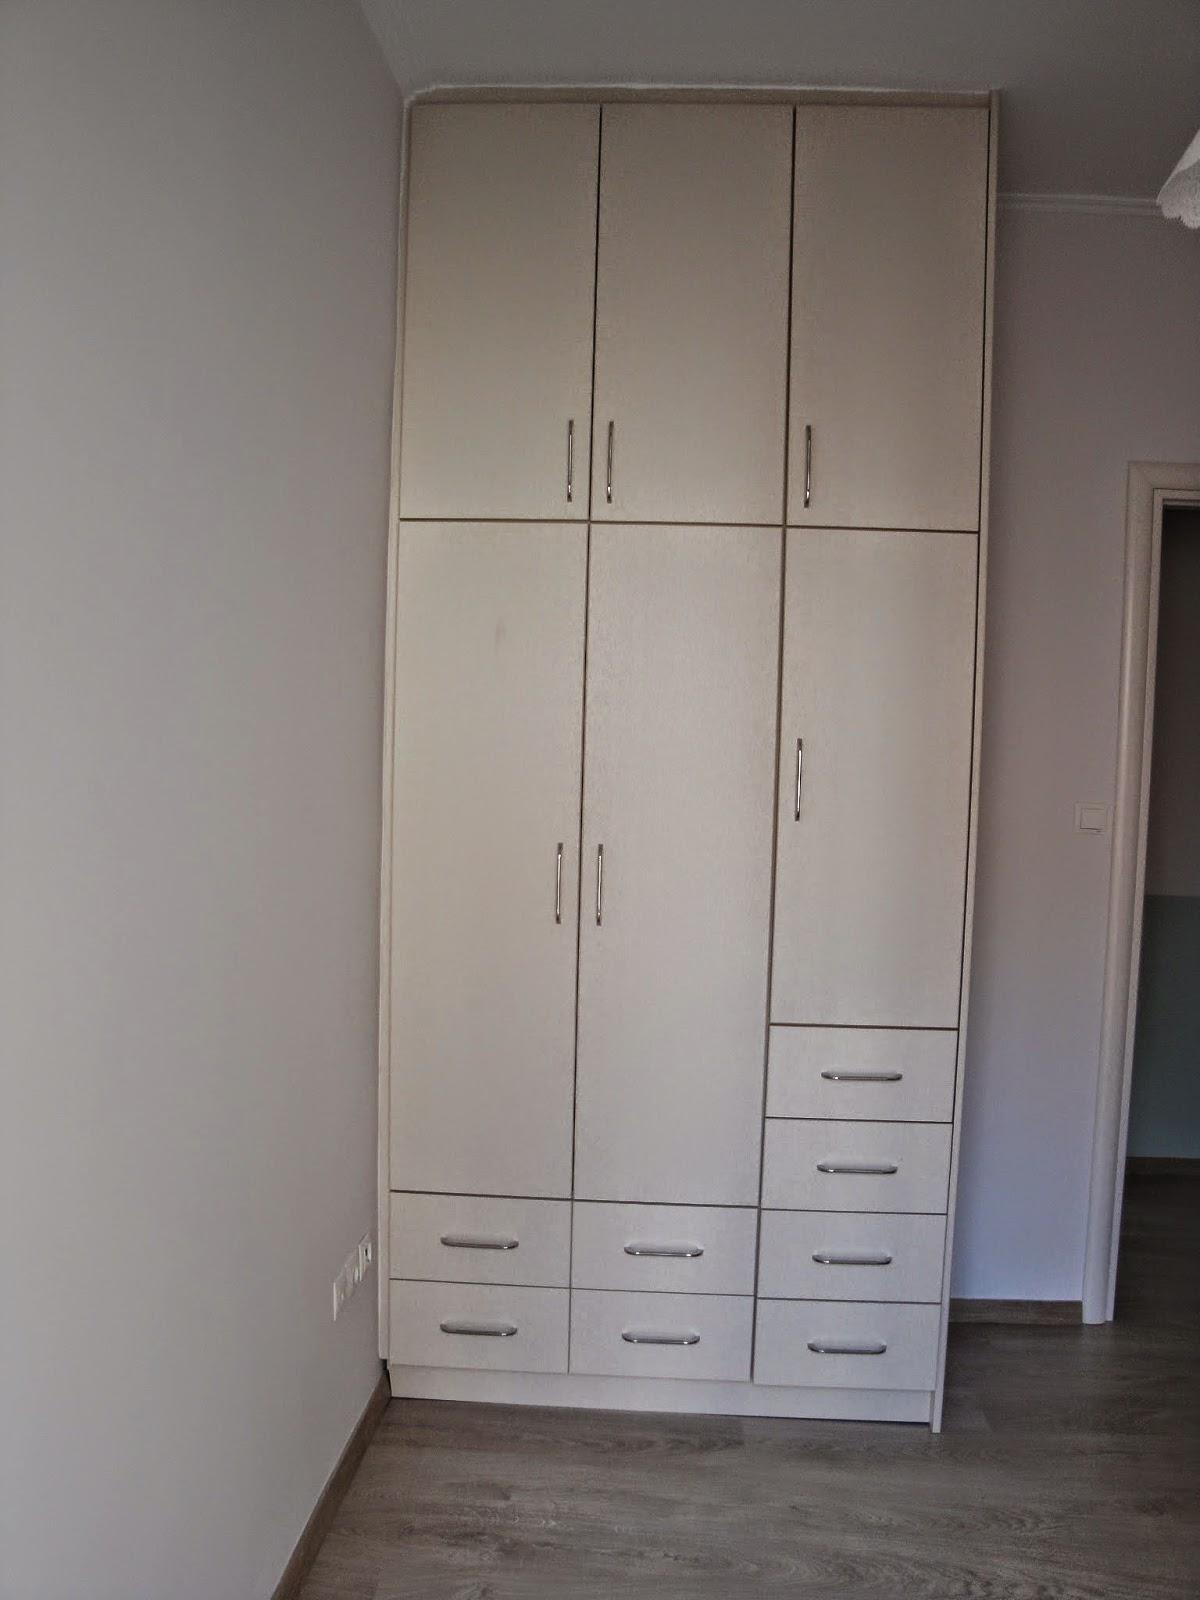 (Κωδ 4016) Ντουλάπα από βακελίτη για μικρό δωμάτιο.